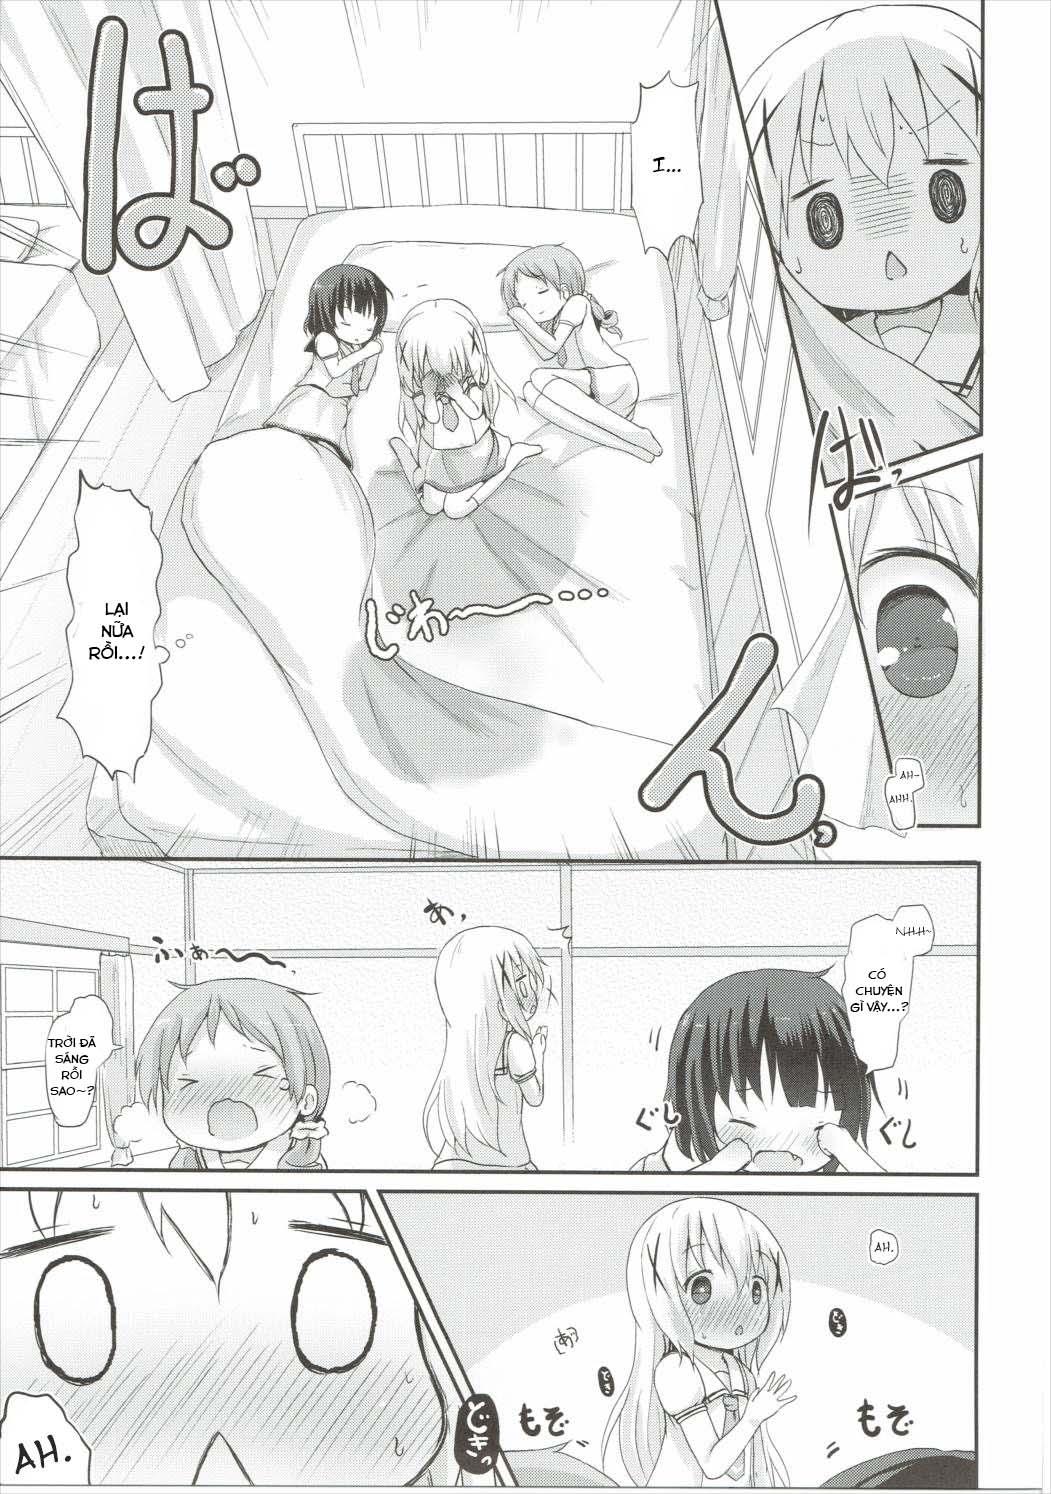 HentaiVN.net - Ảnh 16 - Moshikashite, Chino-chan Onesho Shichatta no?? 2 (Gochuumon wa Usagi desu ka?) - Oneshot